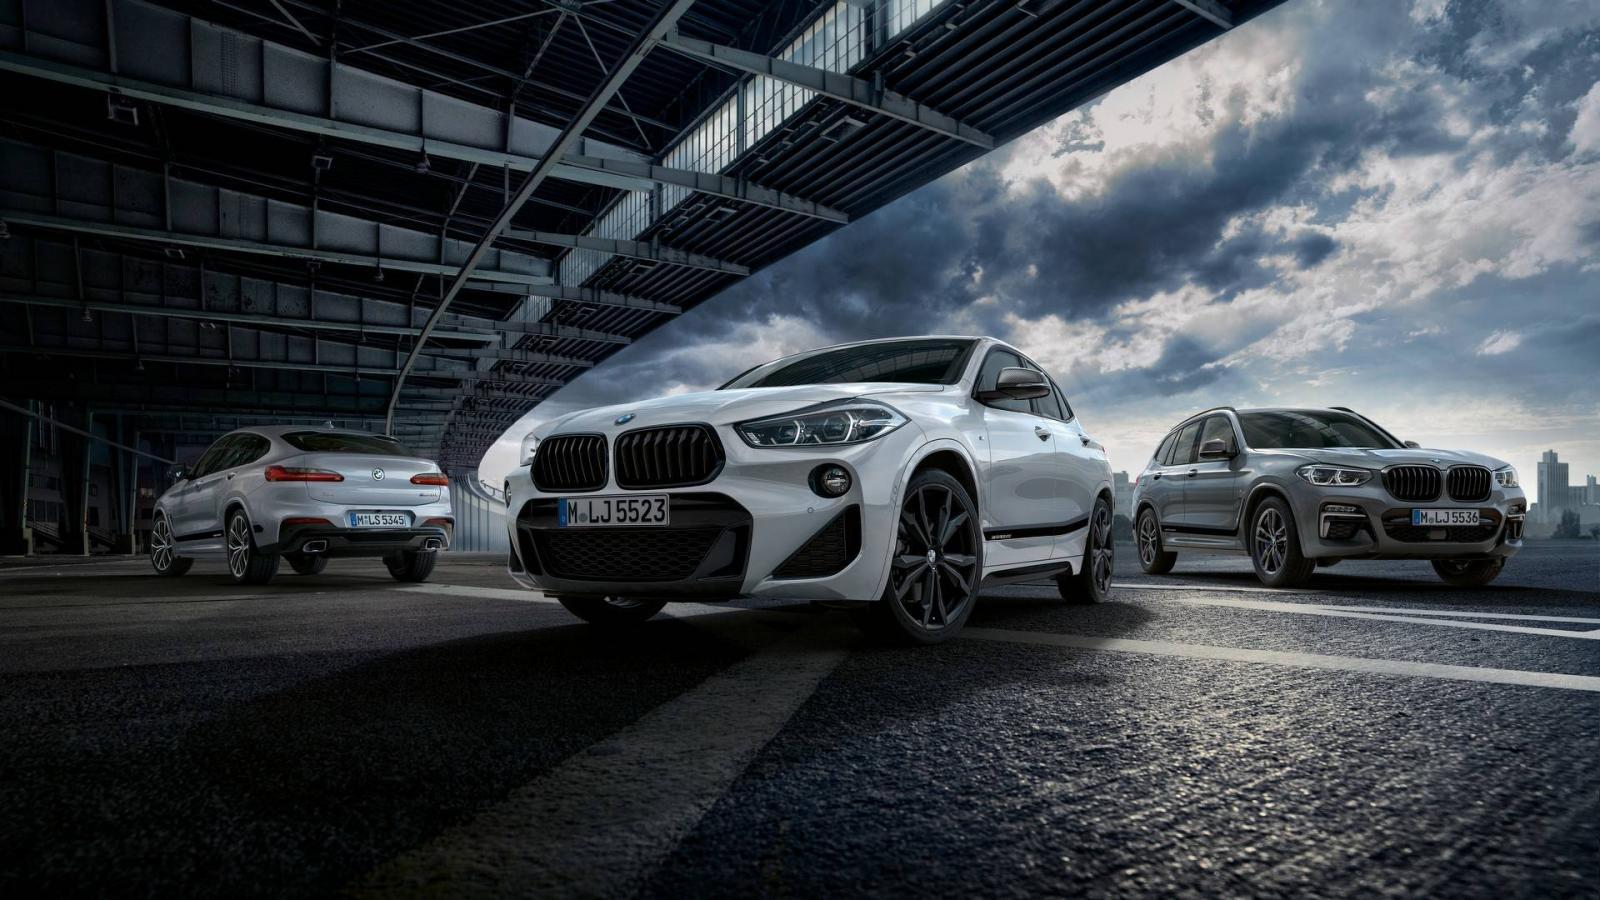 Кроссоверы BMW X2, X3 иX4 получили пакет улучшений отMPerformance